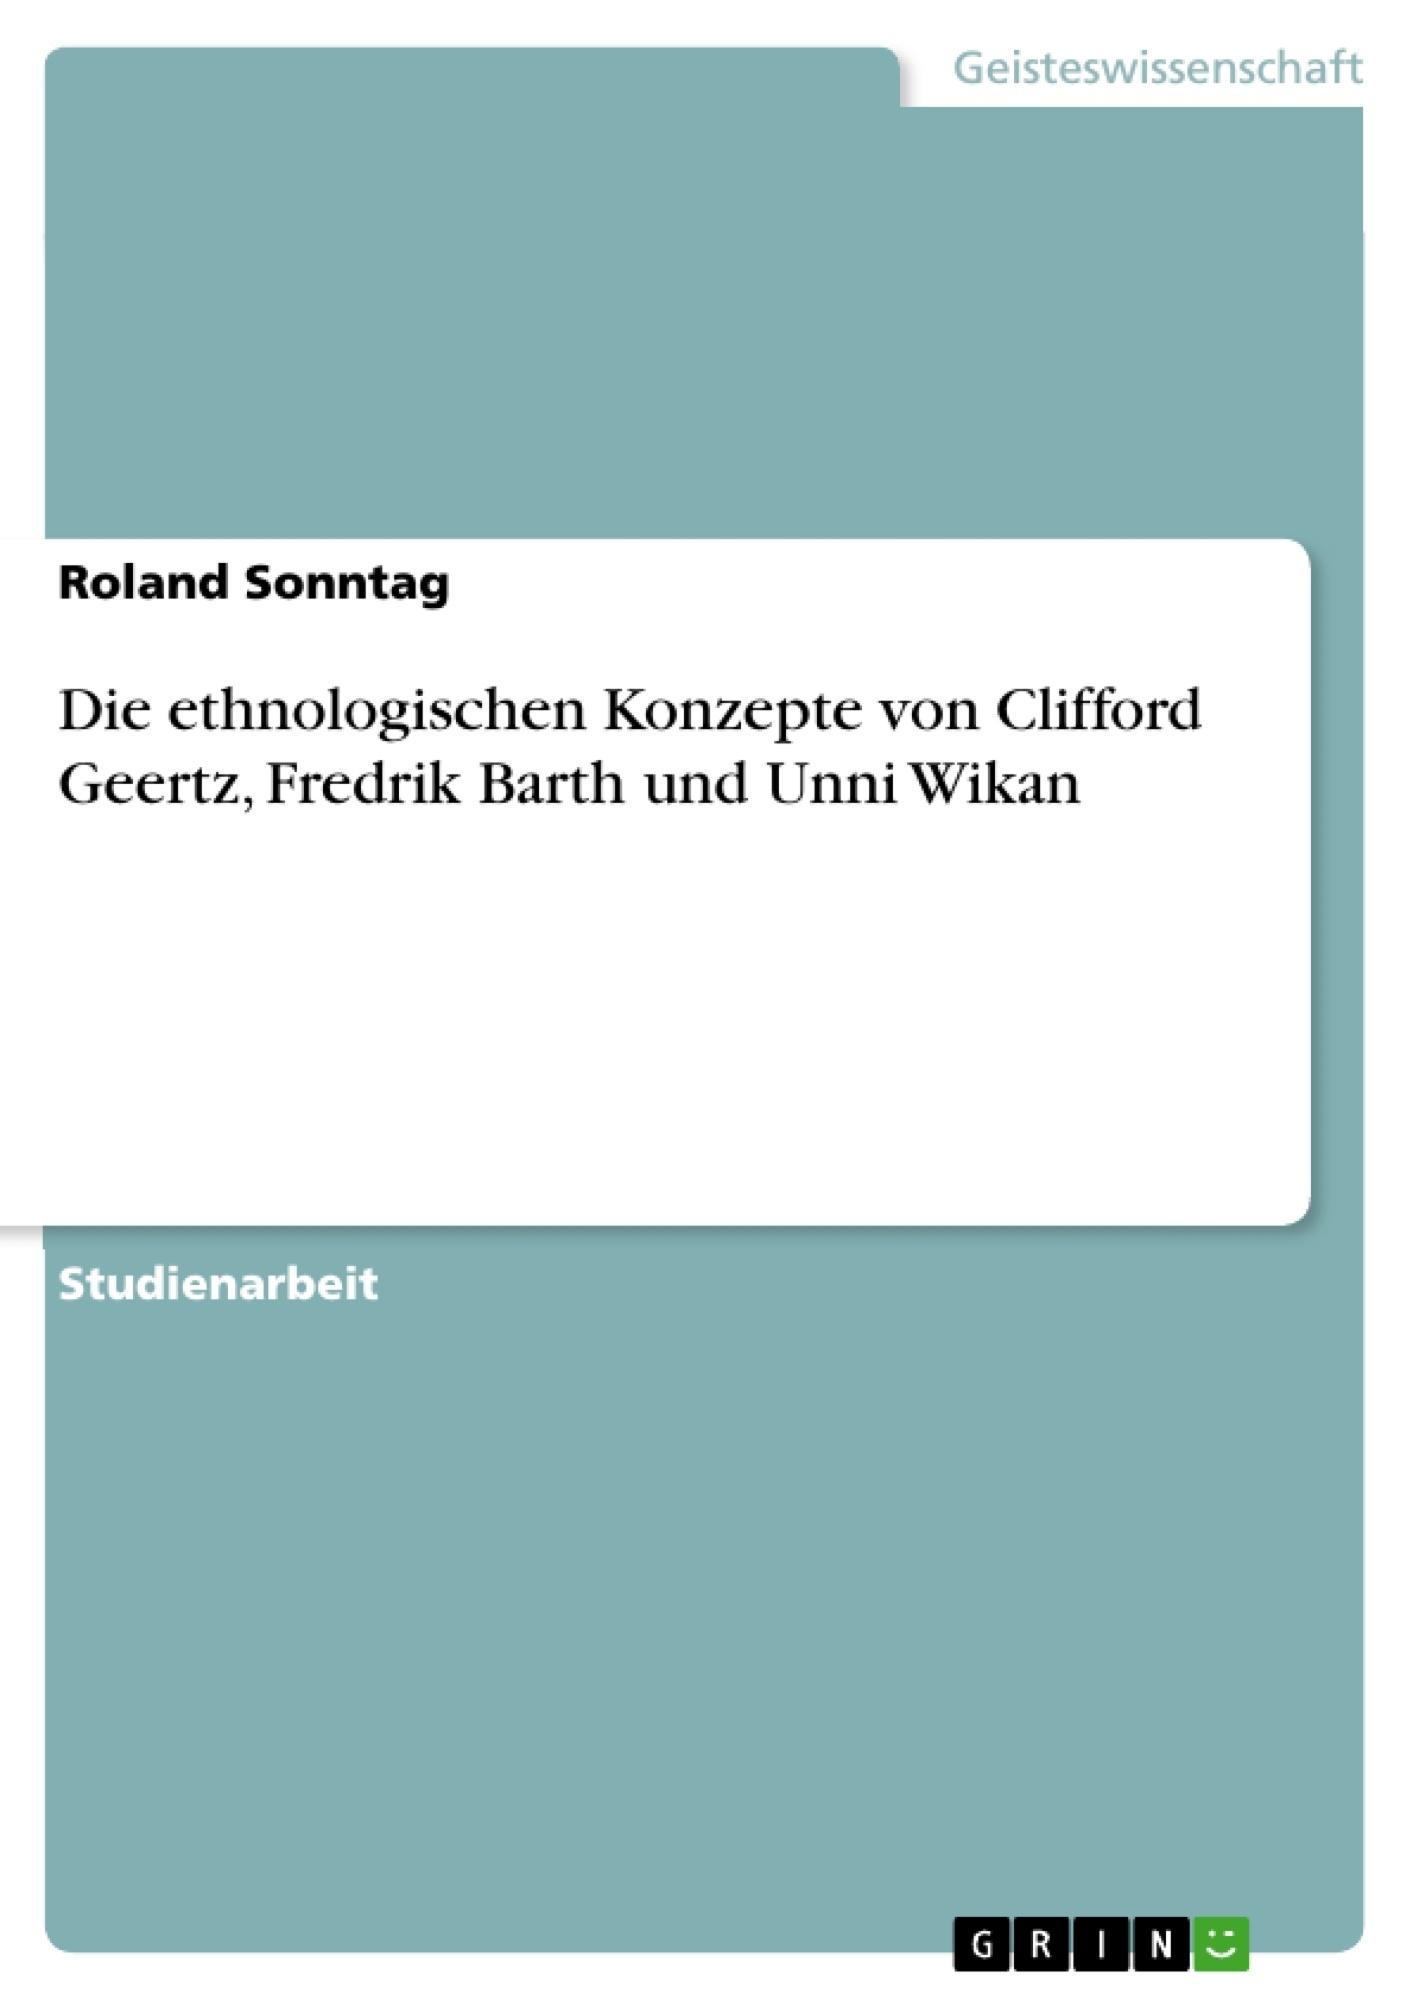 Titel: Die ethnologischen Konzepte von Clifford Geertz, Fredrik Barth und   Unni Wikan